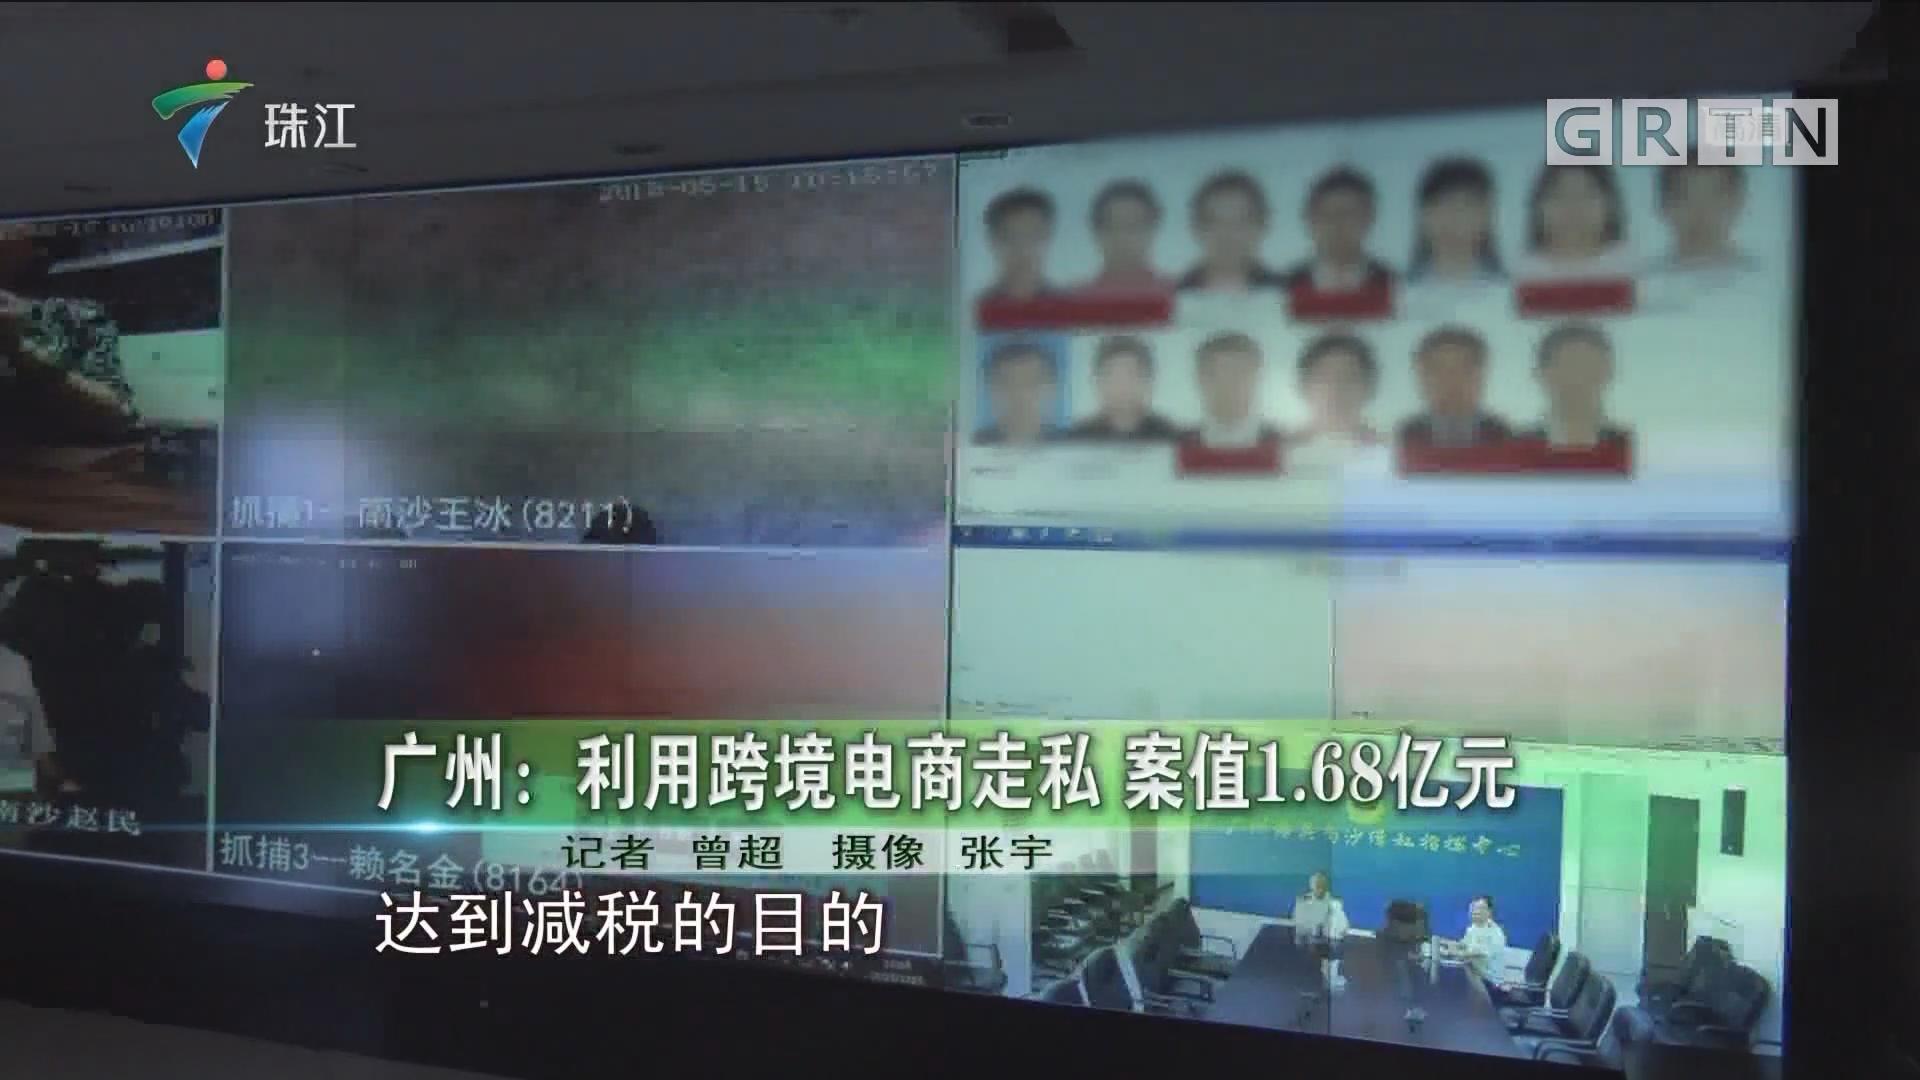 广州:利用跨境电商走私 案值1.68亿元